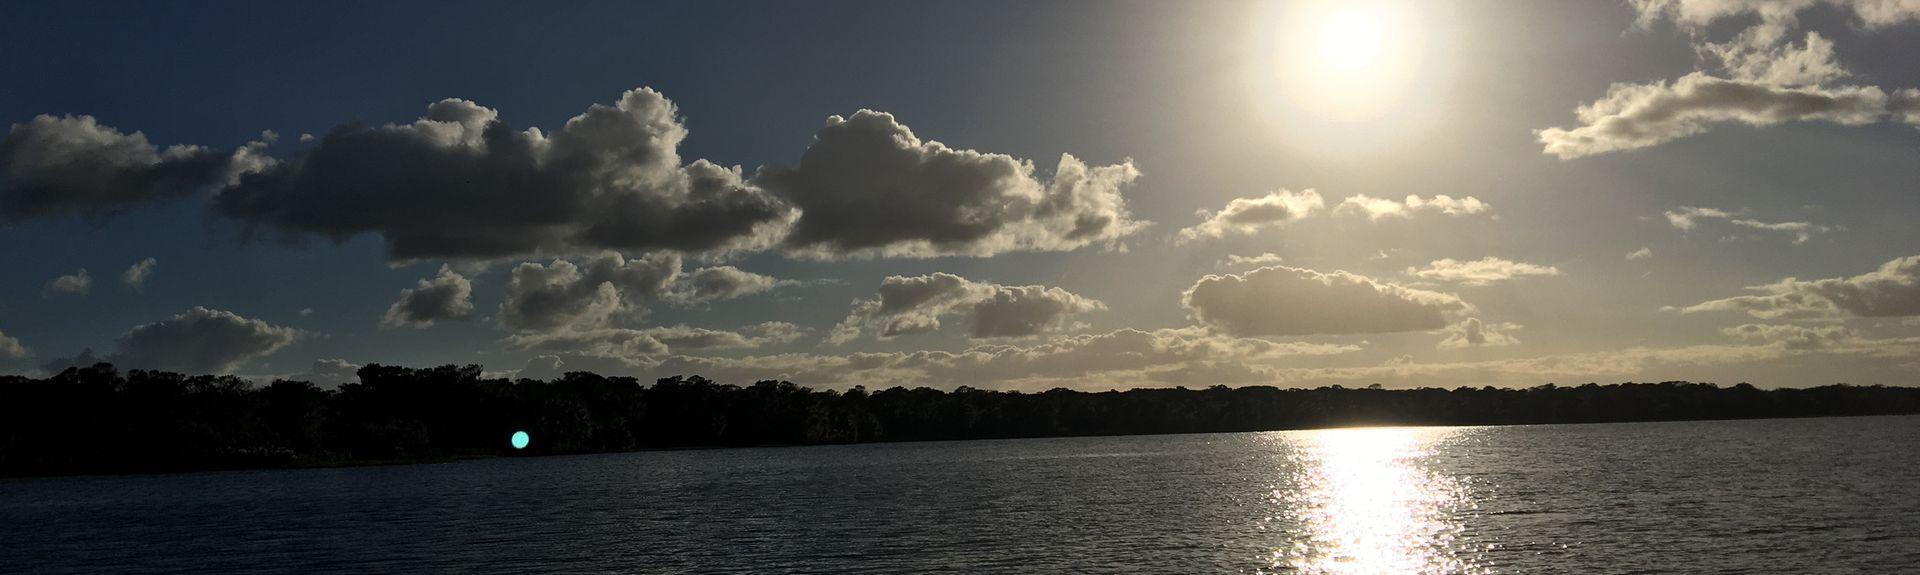 Oviedo, Florida, Estados Unidos